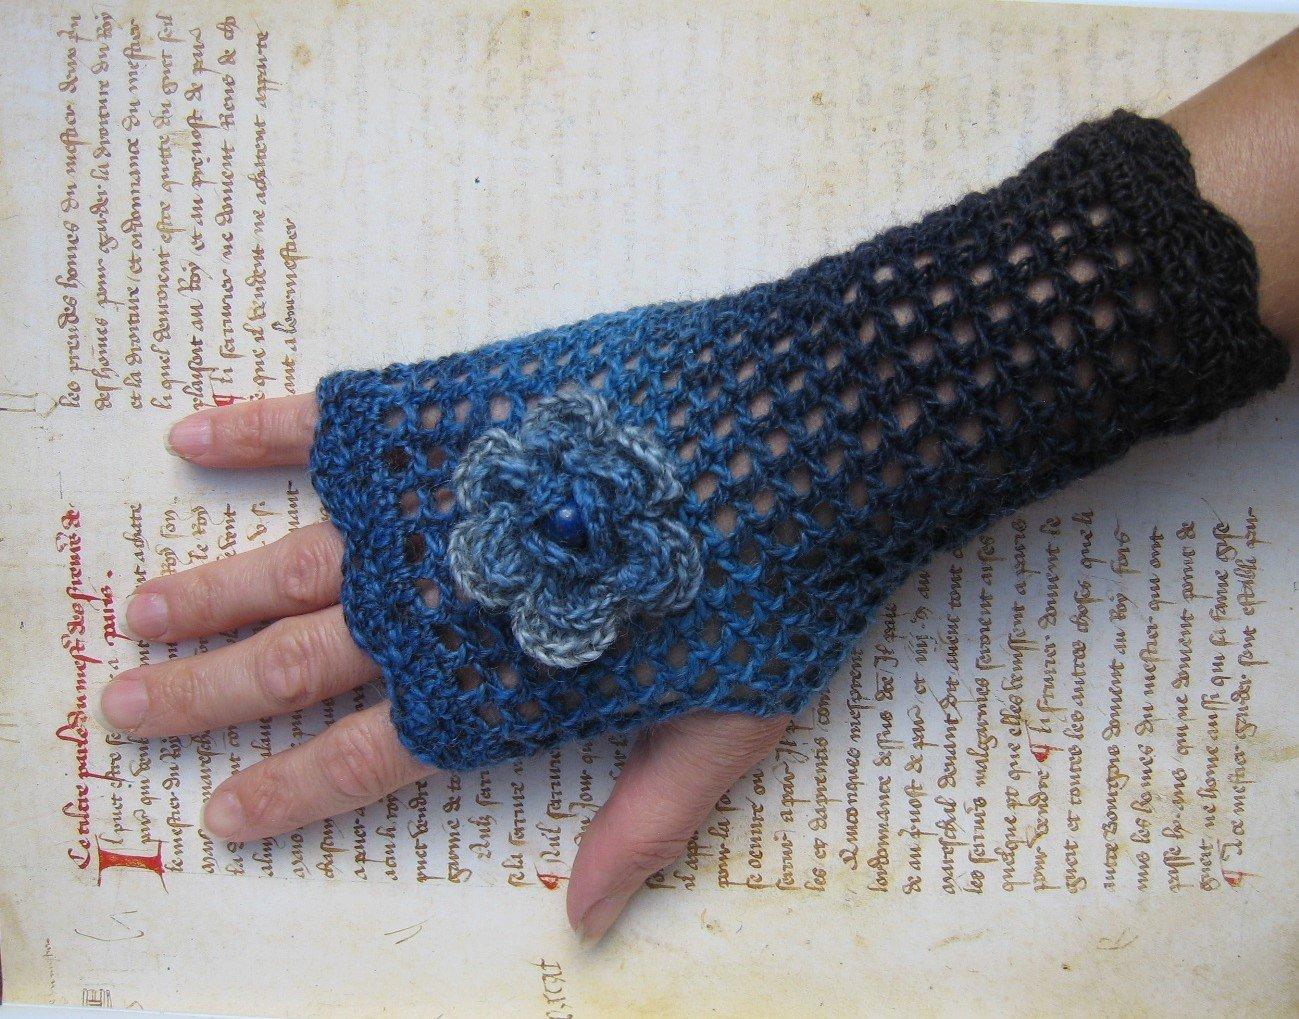 Mitaines bleues océan jeans en laine fleur avec perle gemme précieuse Lapis-Lazuli au crochet victorien victoriennes steampunk gothique laine dégradée HIVER idée cadeau de Noël Lilith Creation